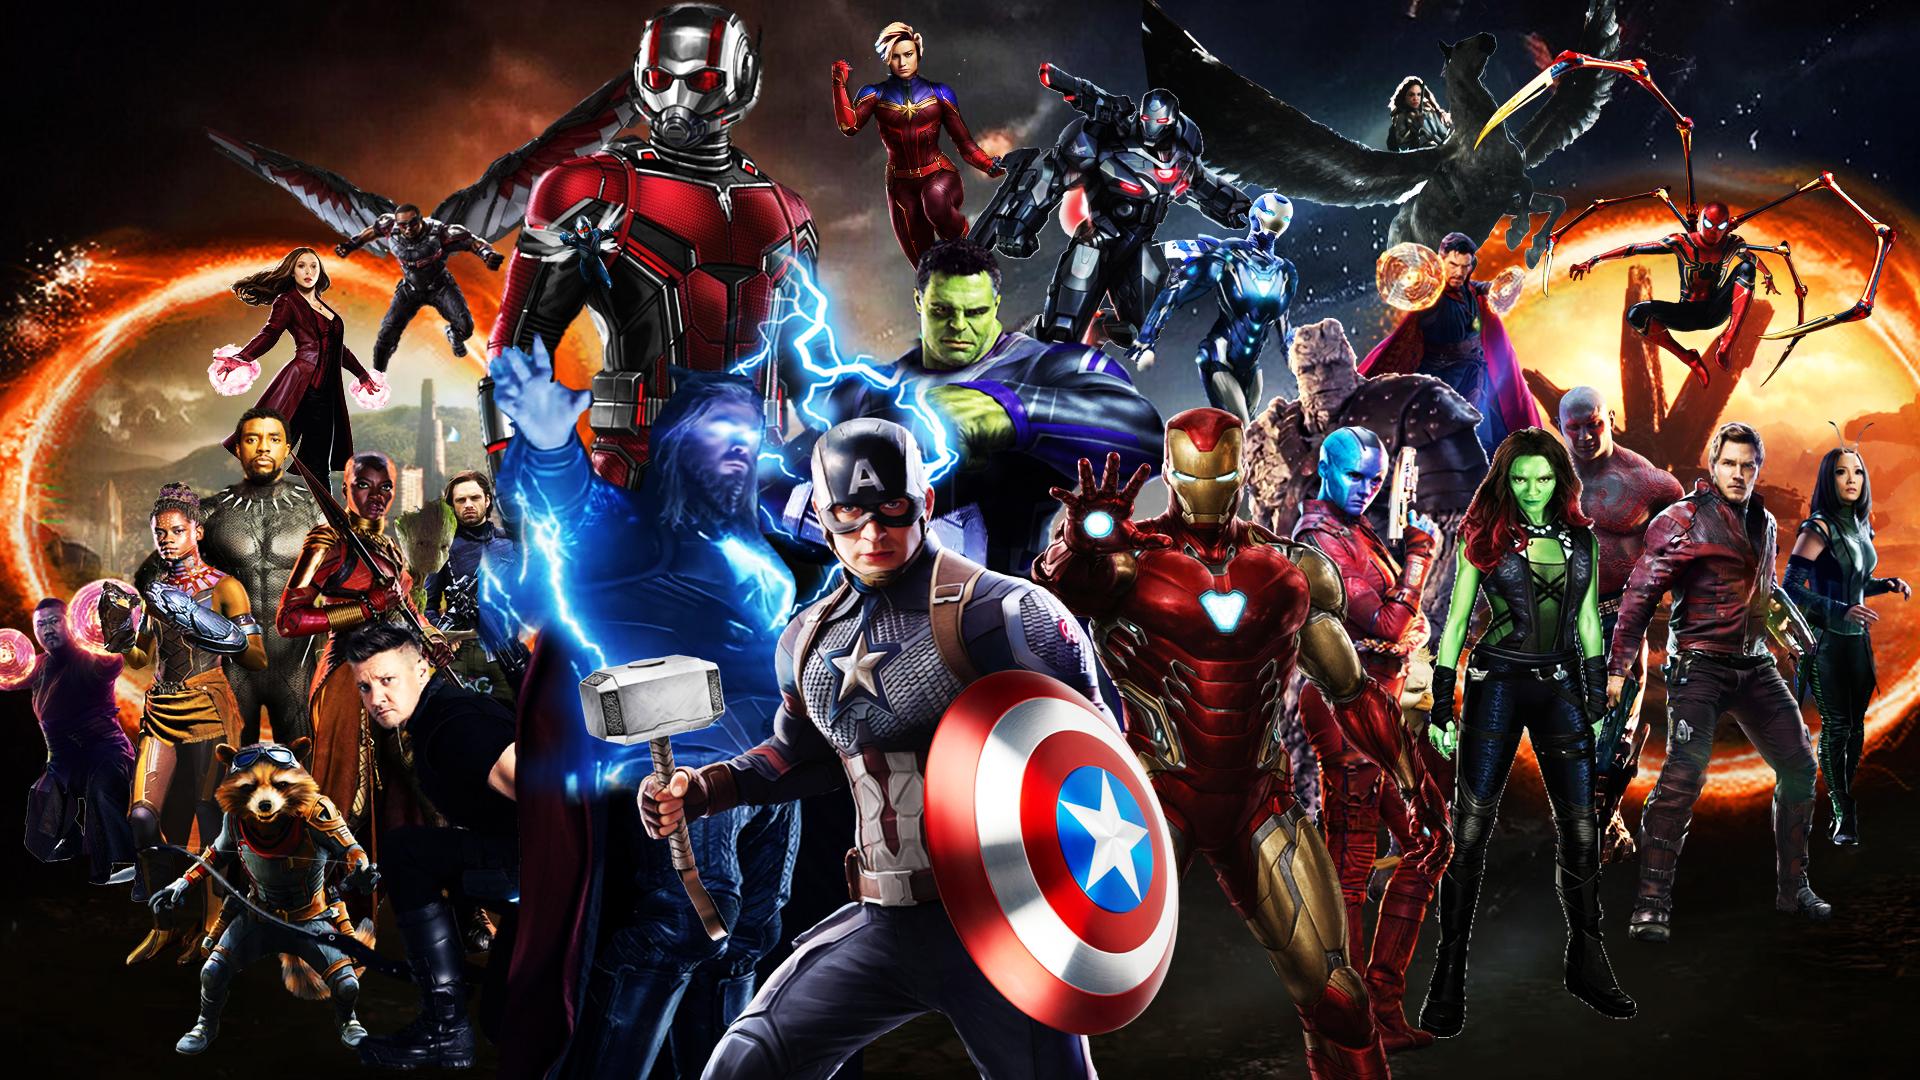 Avengers: Endgame Wallpaper - Final Battle by ...